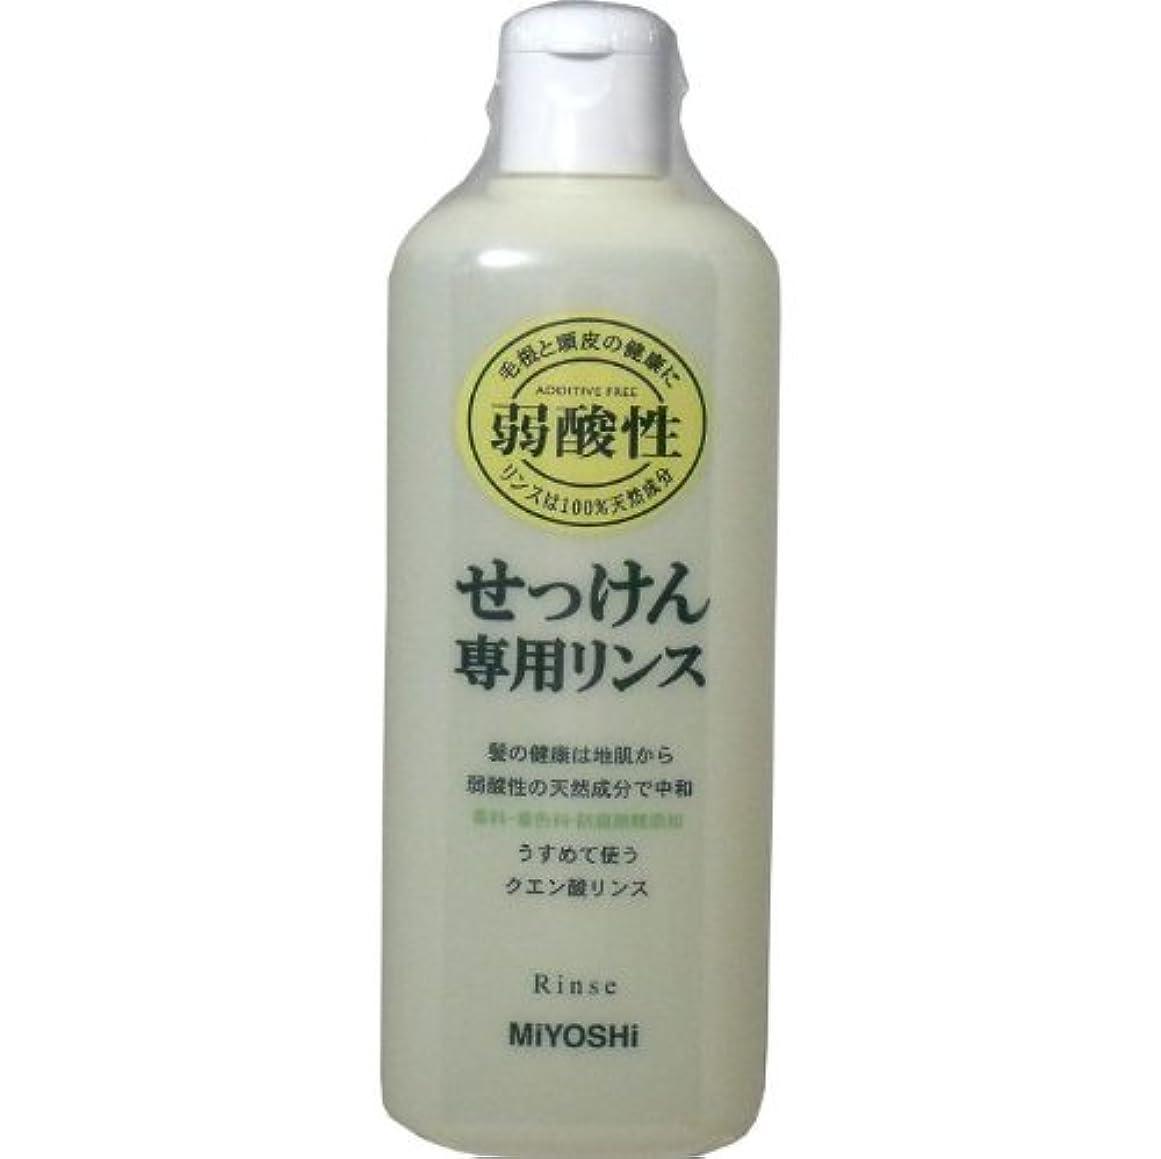 報酬の成果サワー髪の健康は地肌から、弱酸性の天然成分で中和!!香料、防腐剤、着色料無添加!うすめて使うクエン酸リンス!リンス 350mL【2個セット】